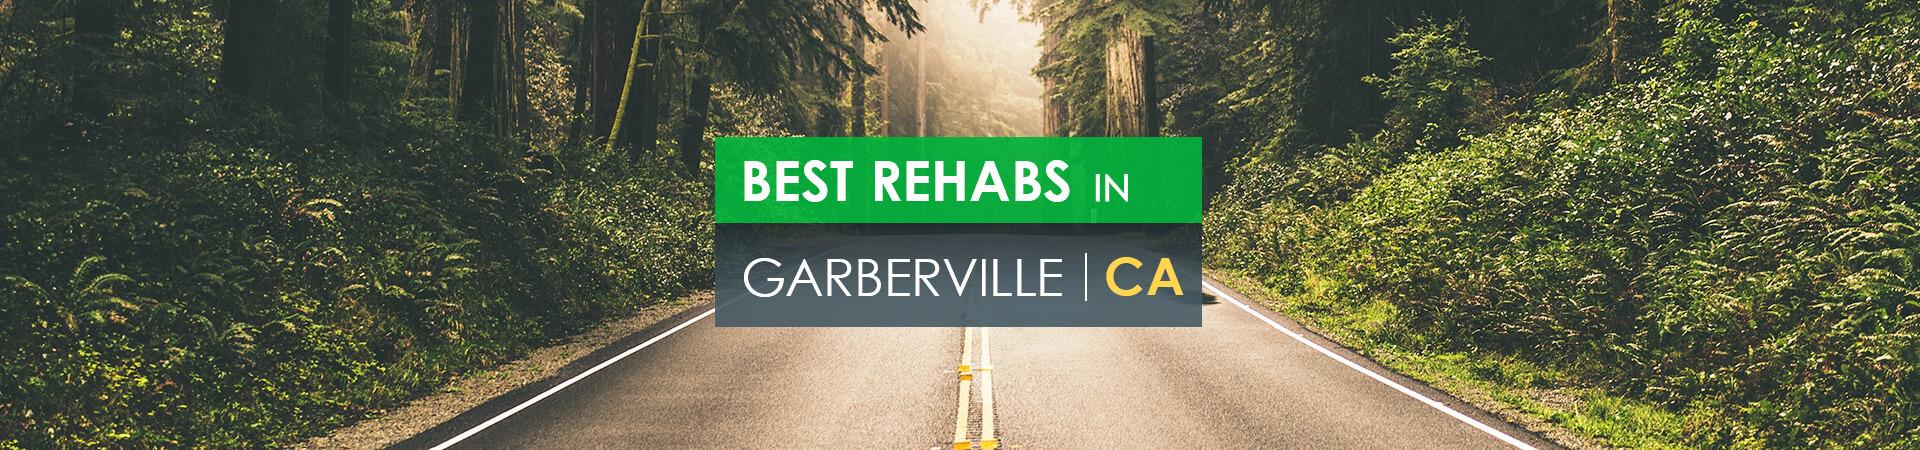 Best rehabs in Garberville, CA